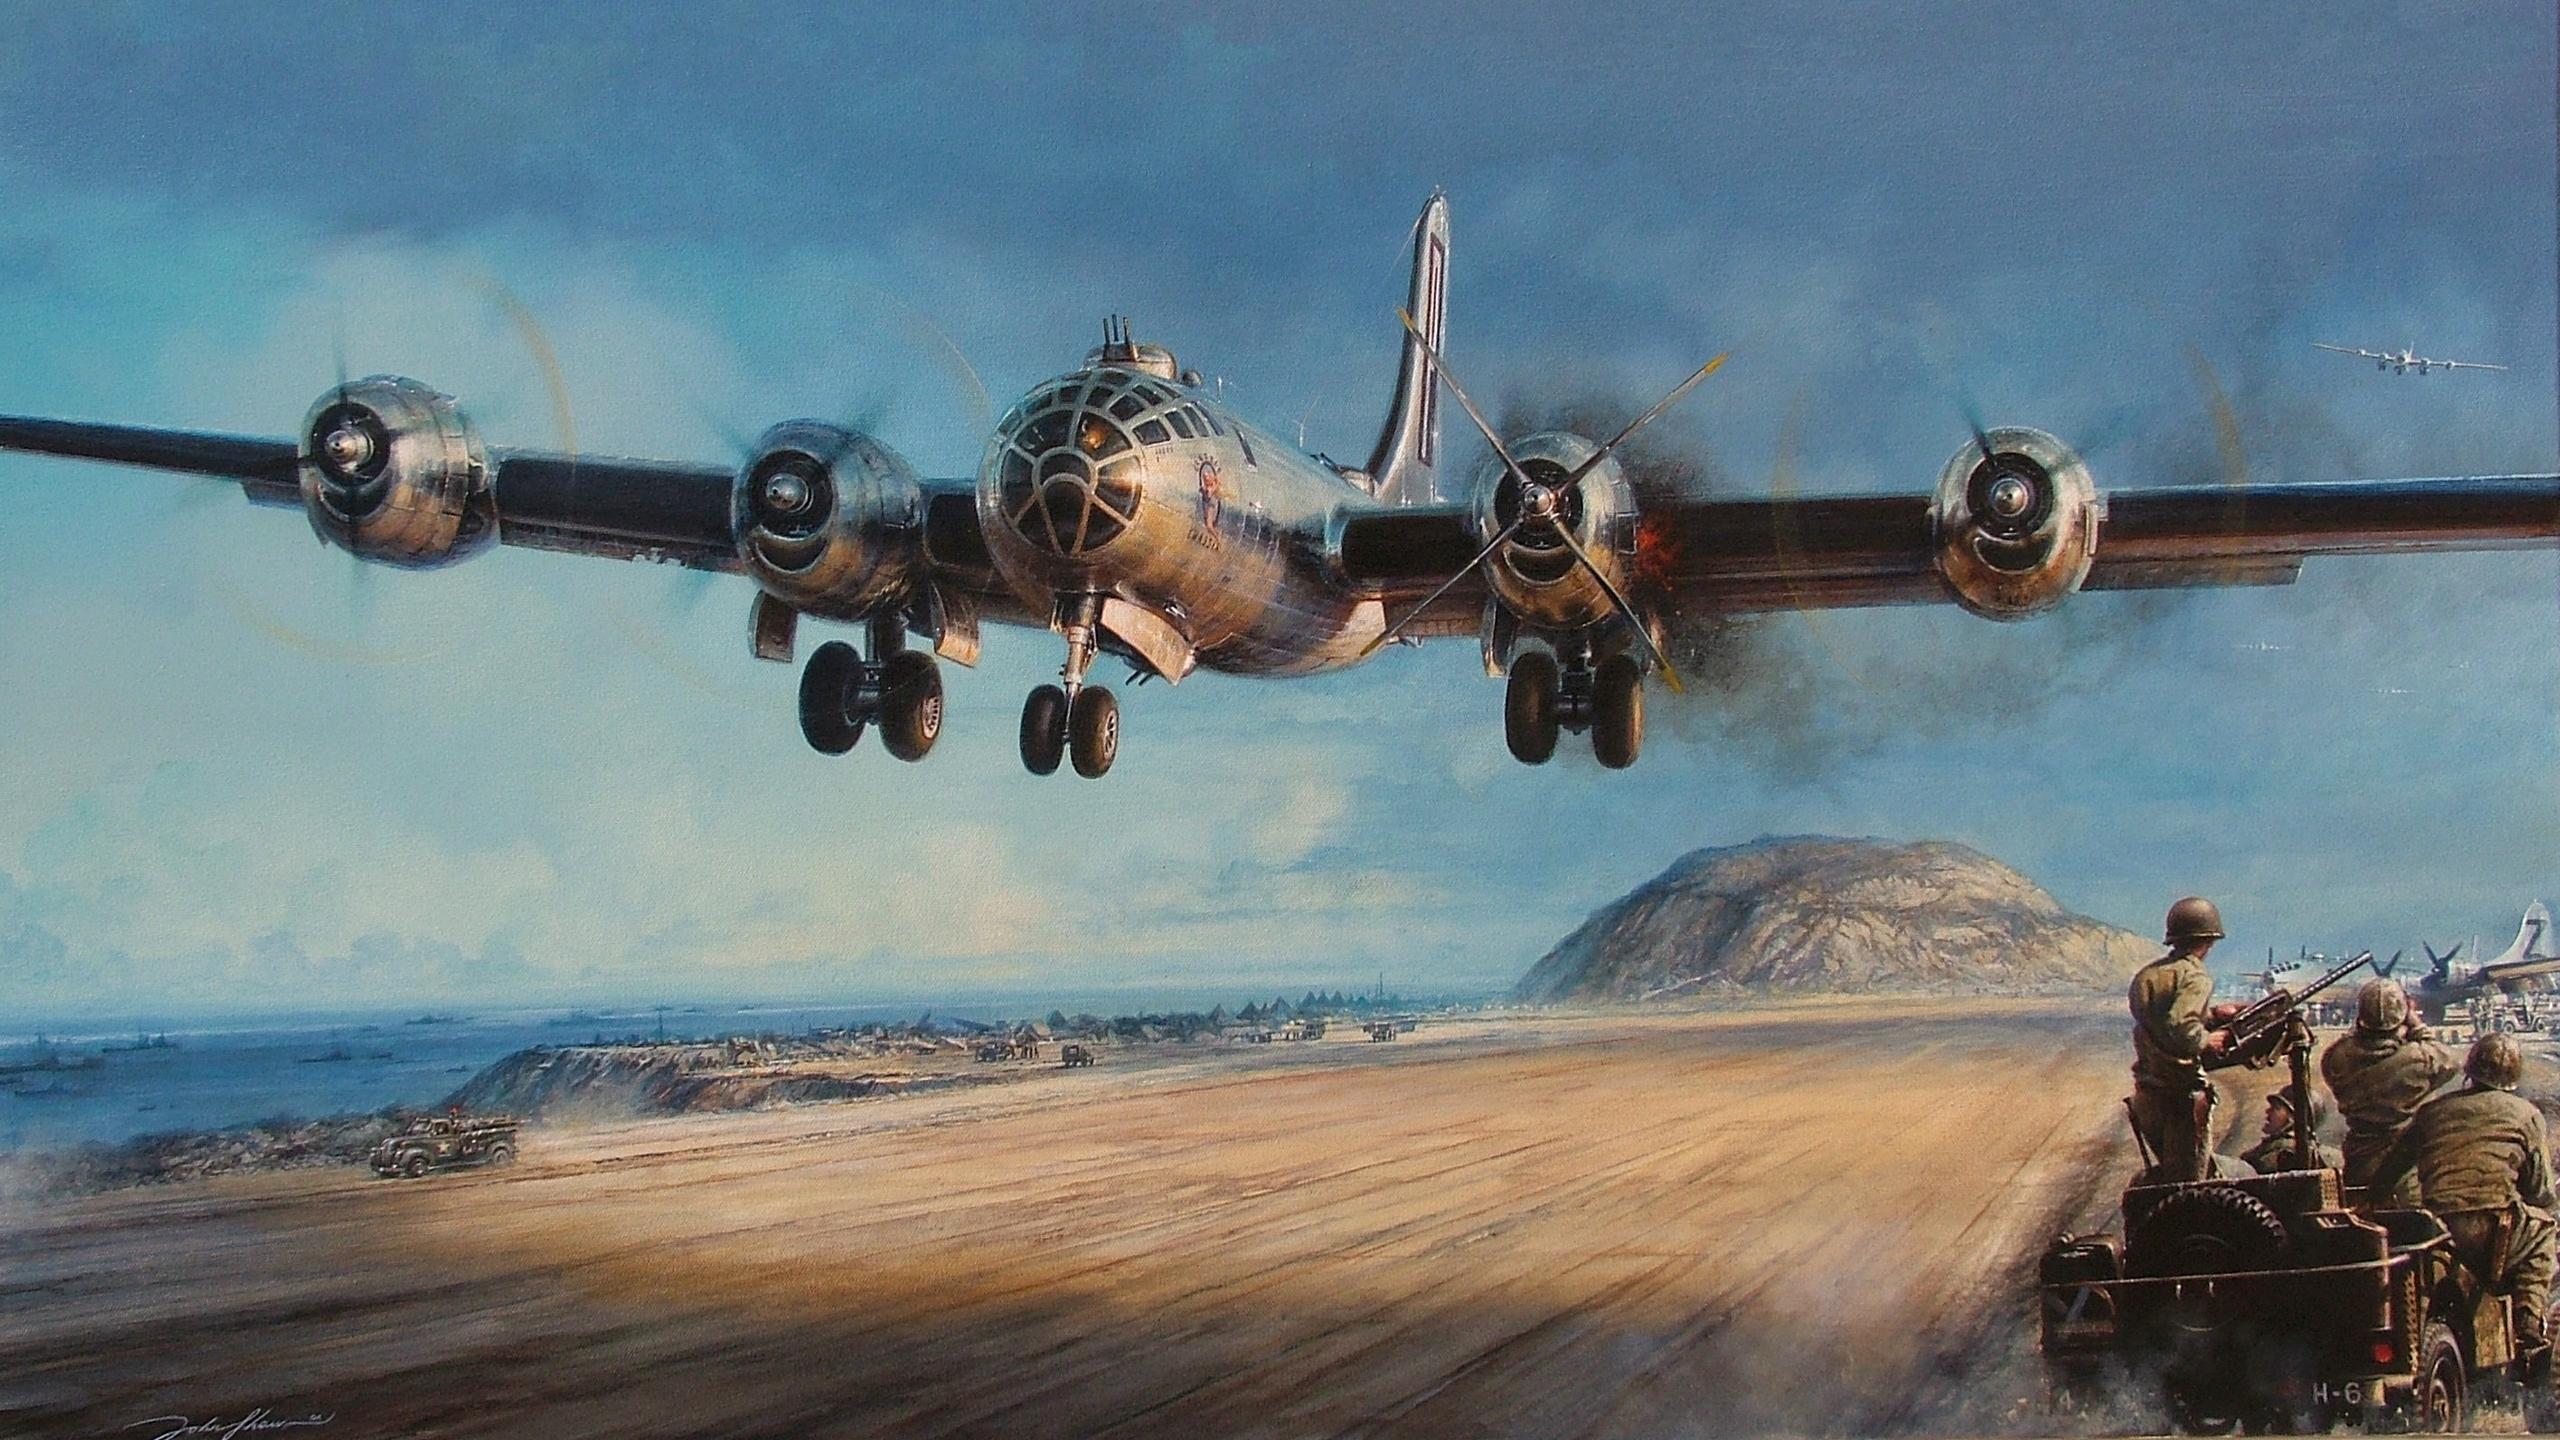 Recreación pictórica de las Superfortalezas regresando a Iwo Jima, averiadas y con heridos a bordo en muchas ocasiones...